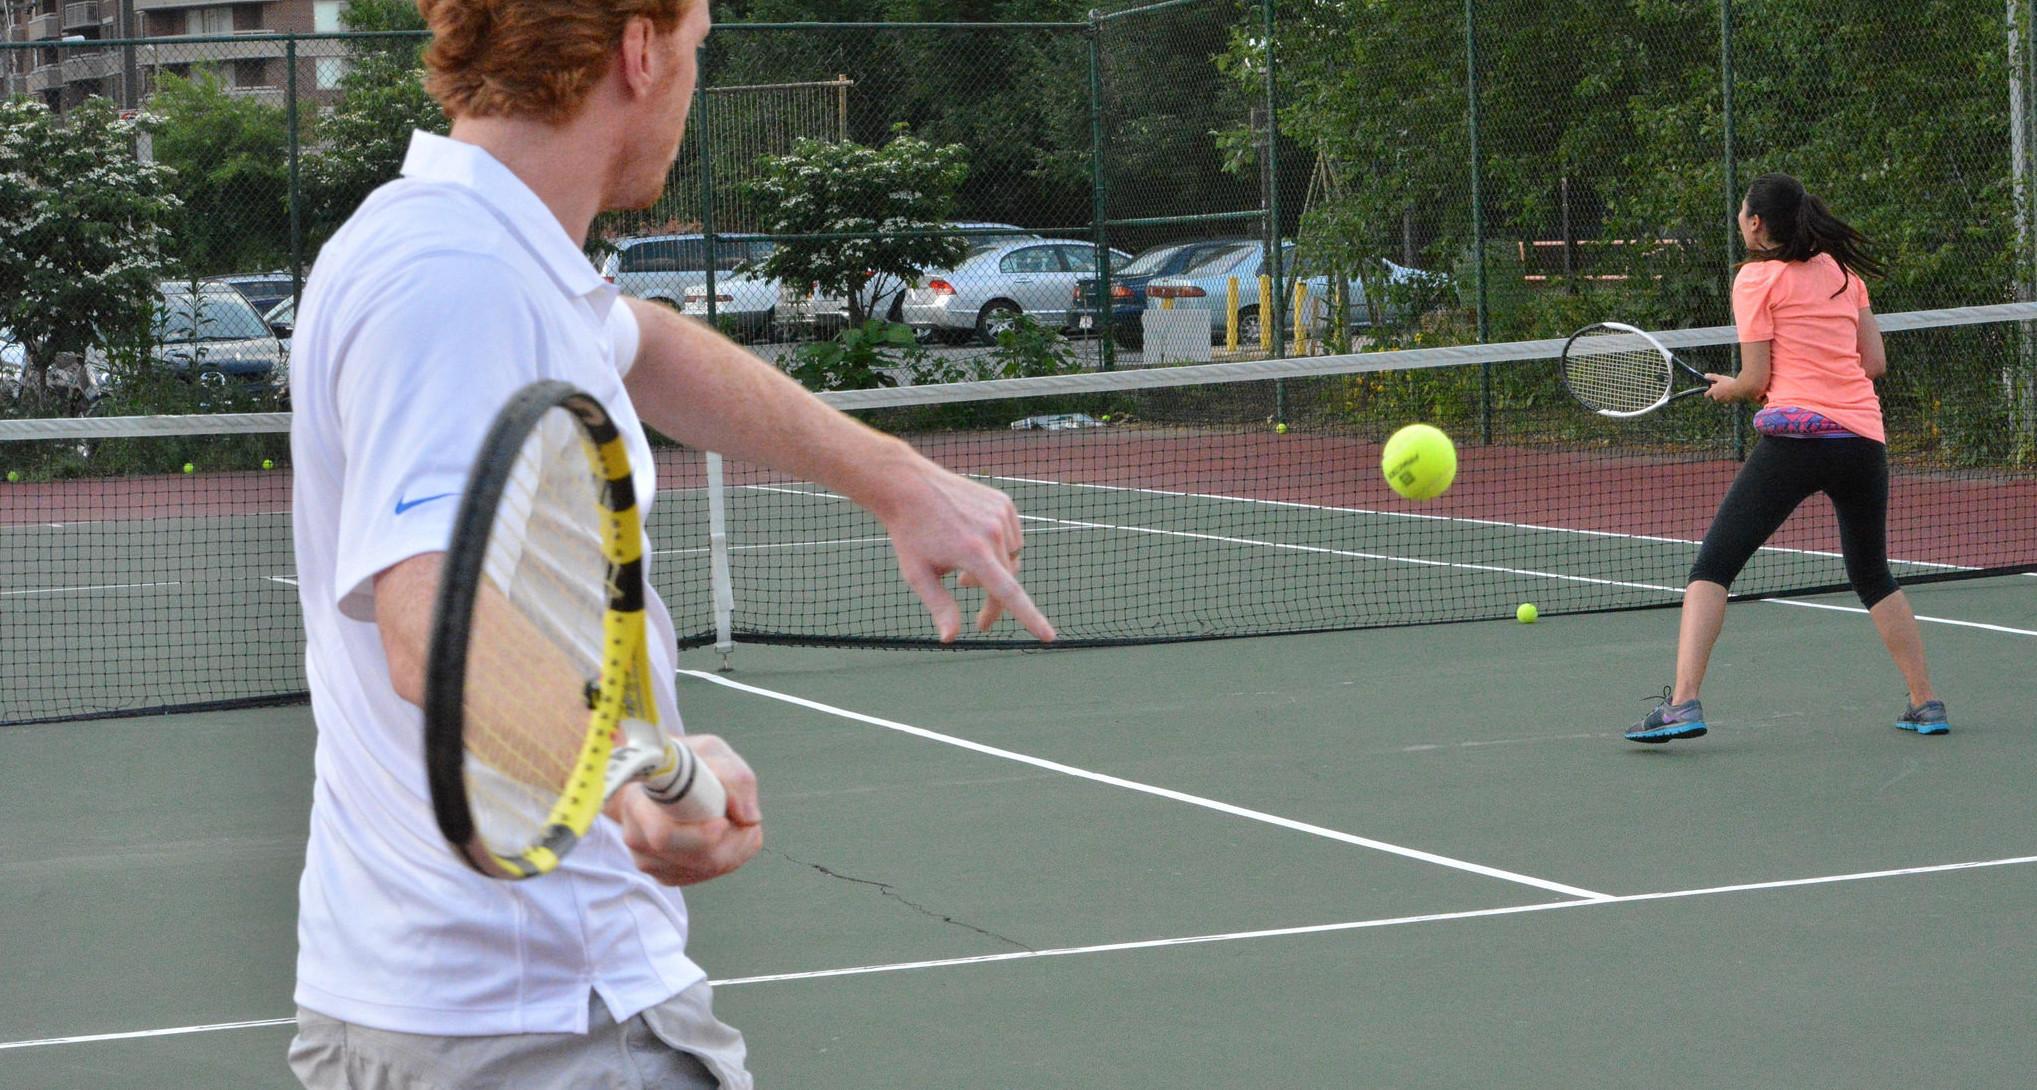 DC's best Tennis leagues - DC Fray